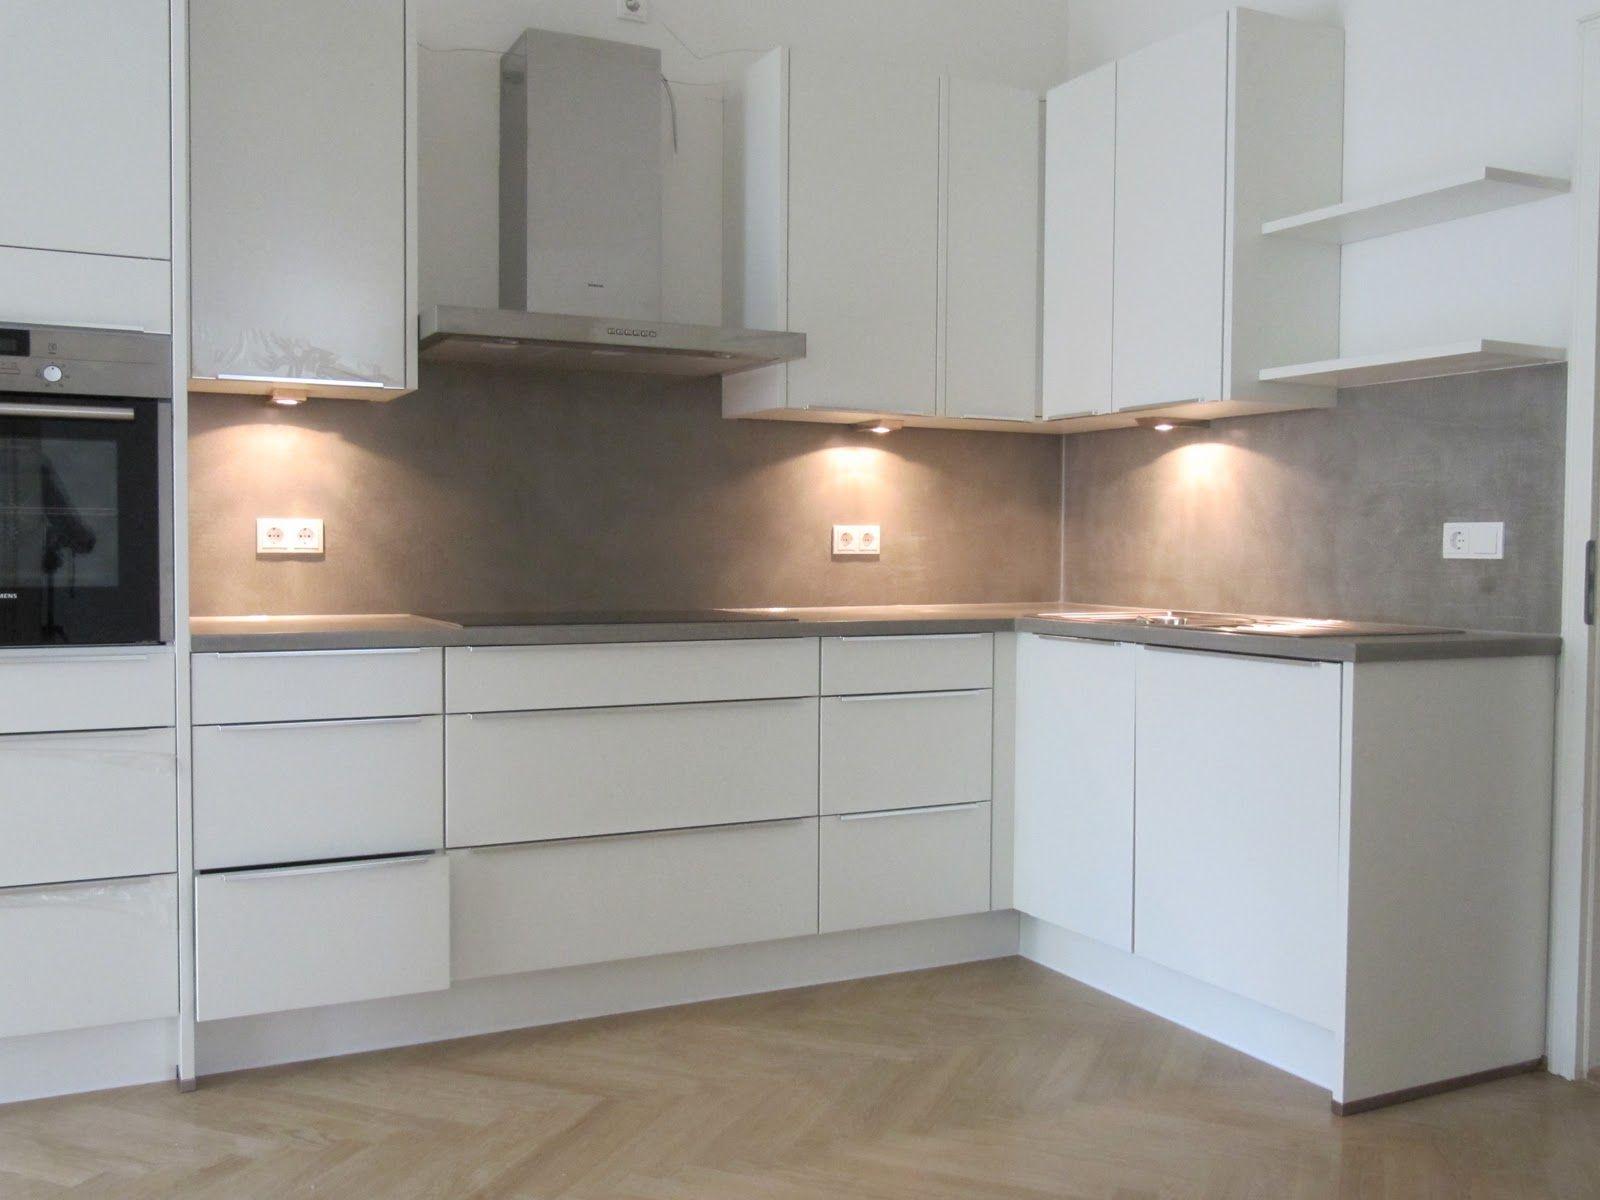 beton unique - beton cire: betonküche | renovierung | pinterest ... - Küche Betonarbeitsplatte